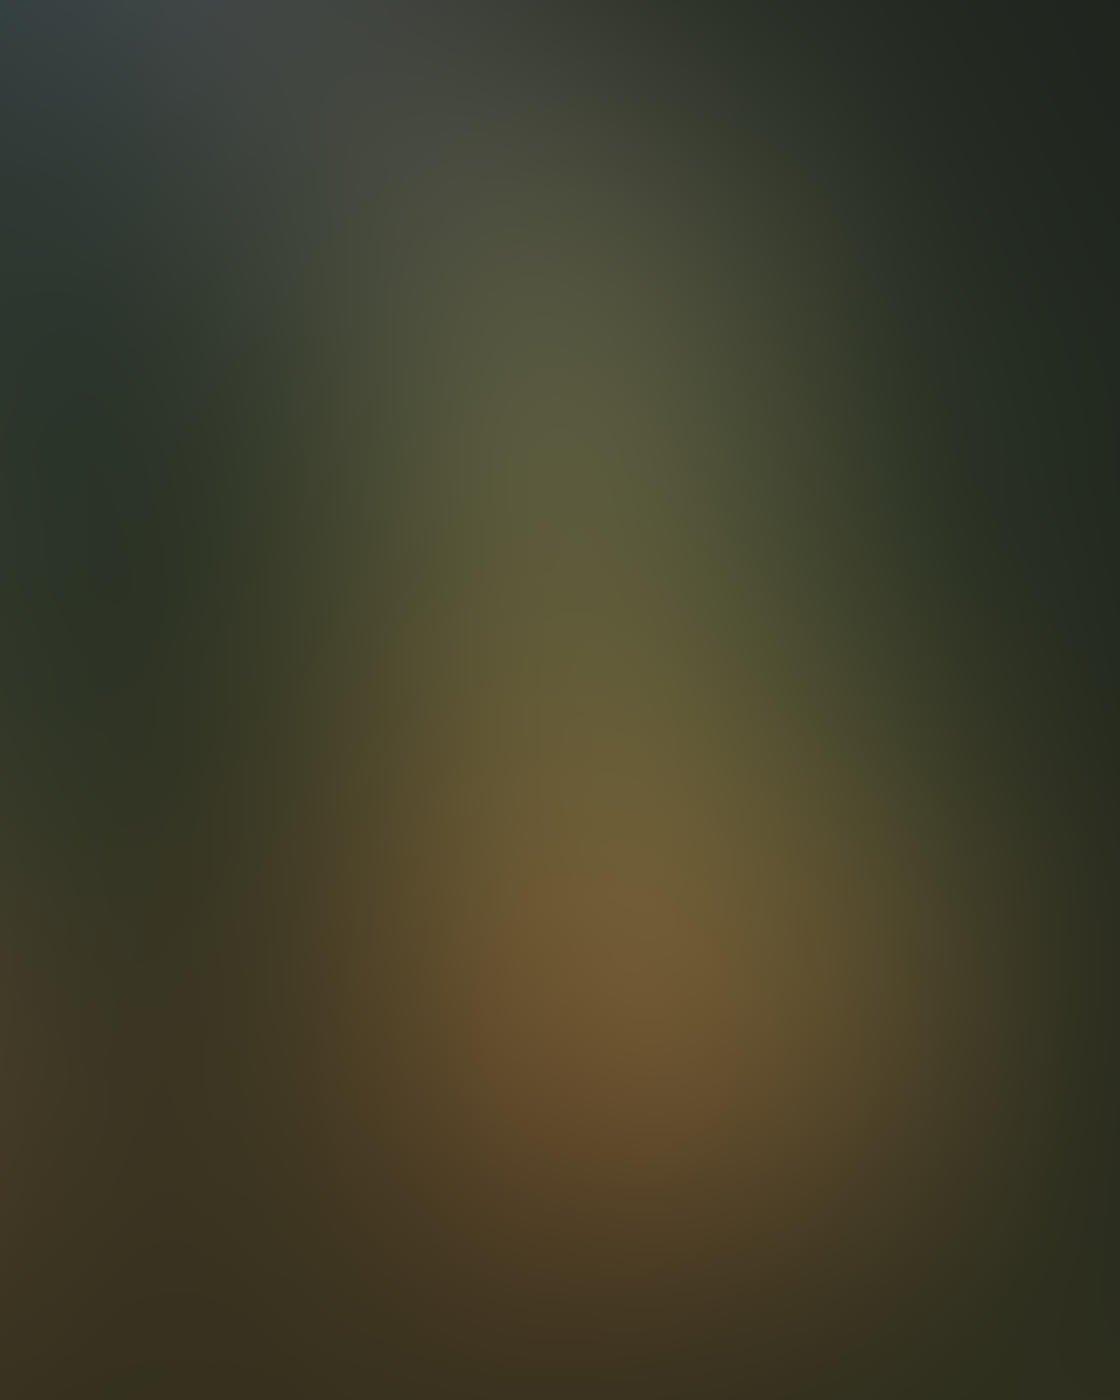 Fog & Mist iPhone Photos 10